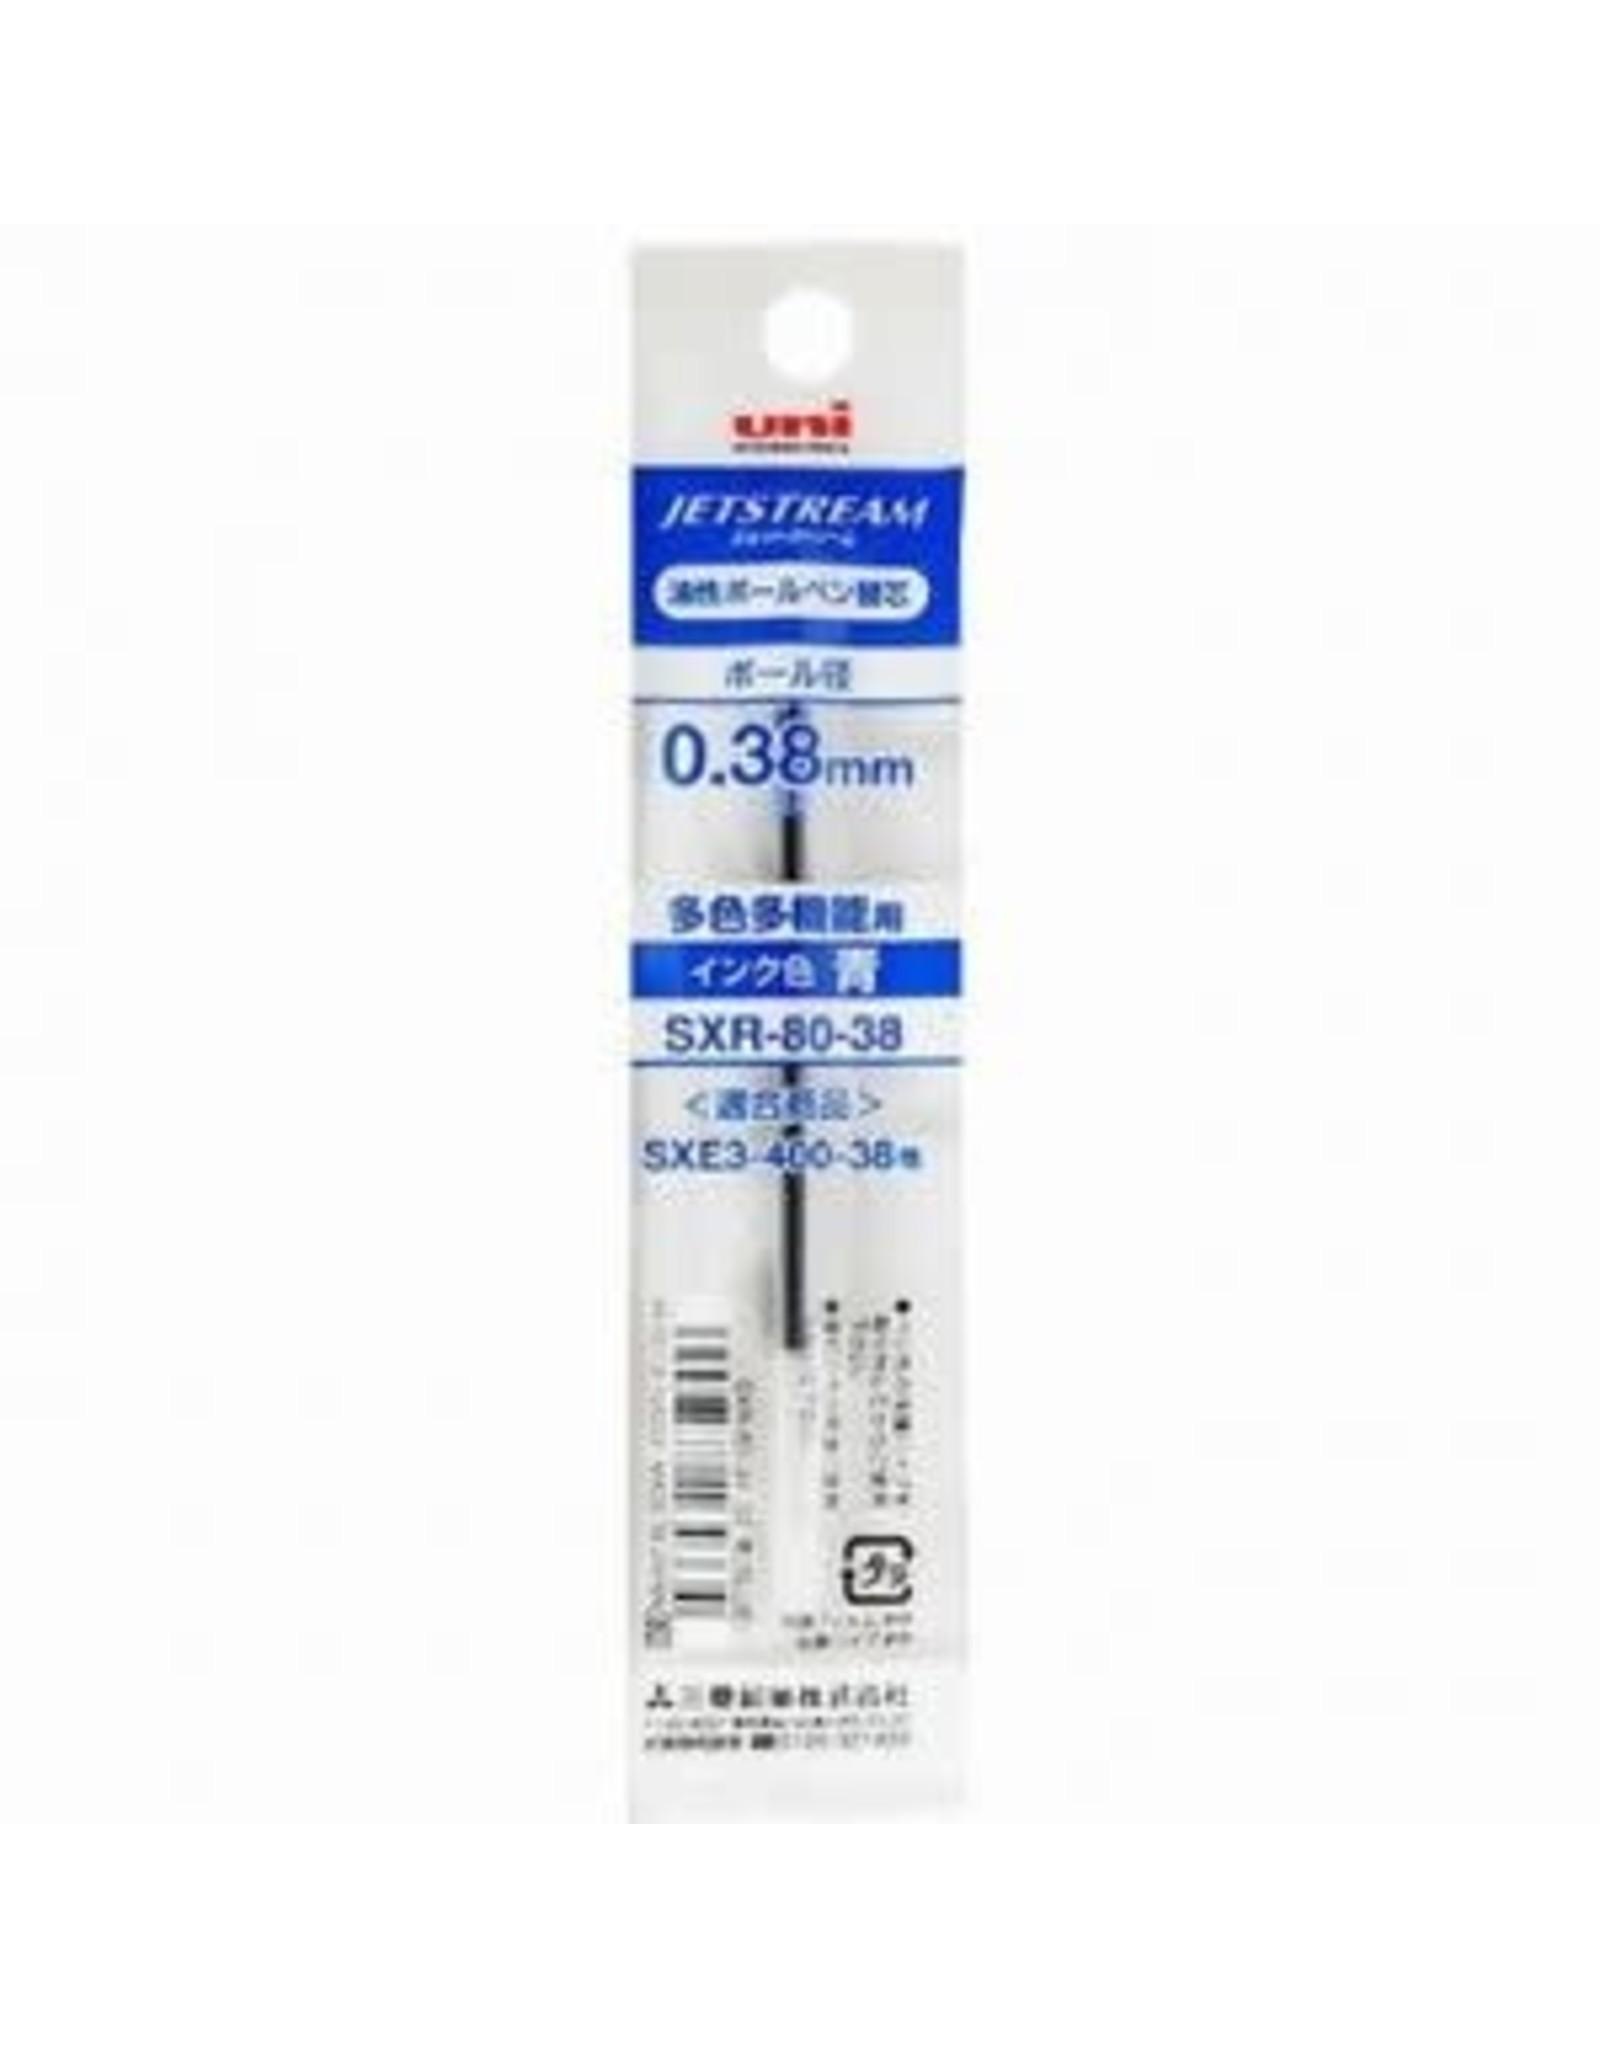 Mitsubishi Pencil Co., Ltd. JETSTREAM REFILL BLUE 0.38 MM SXR-80-38